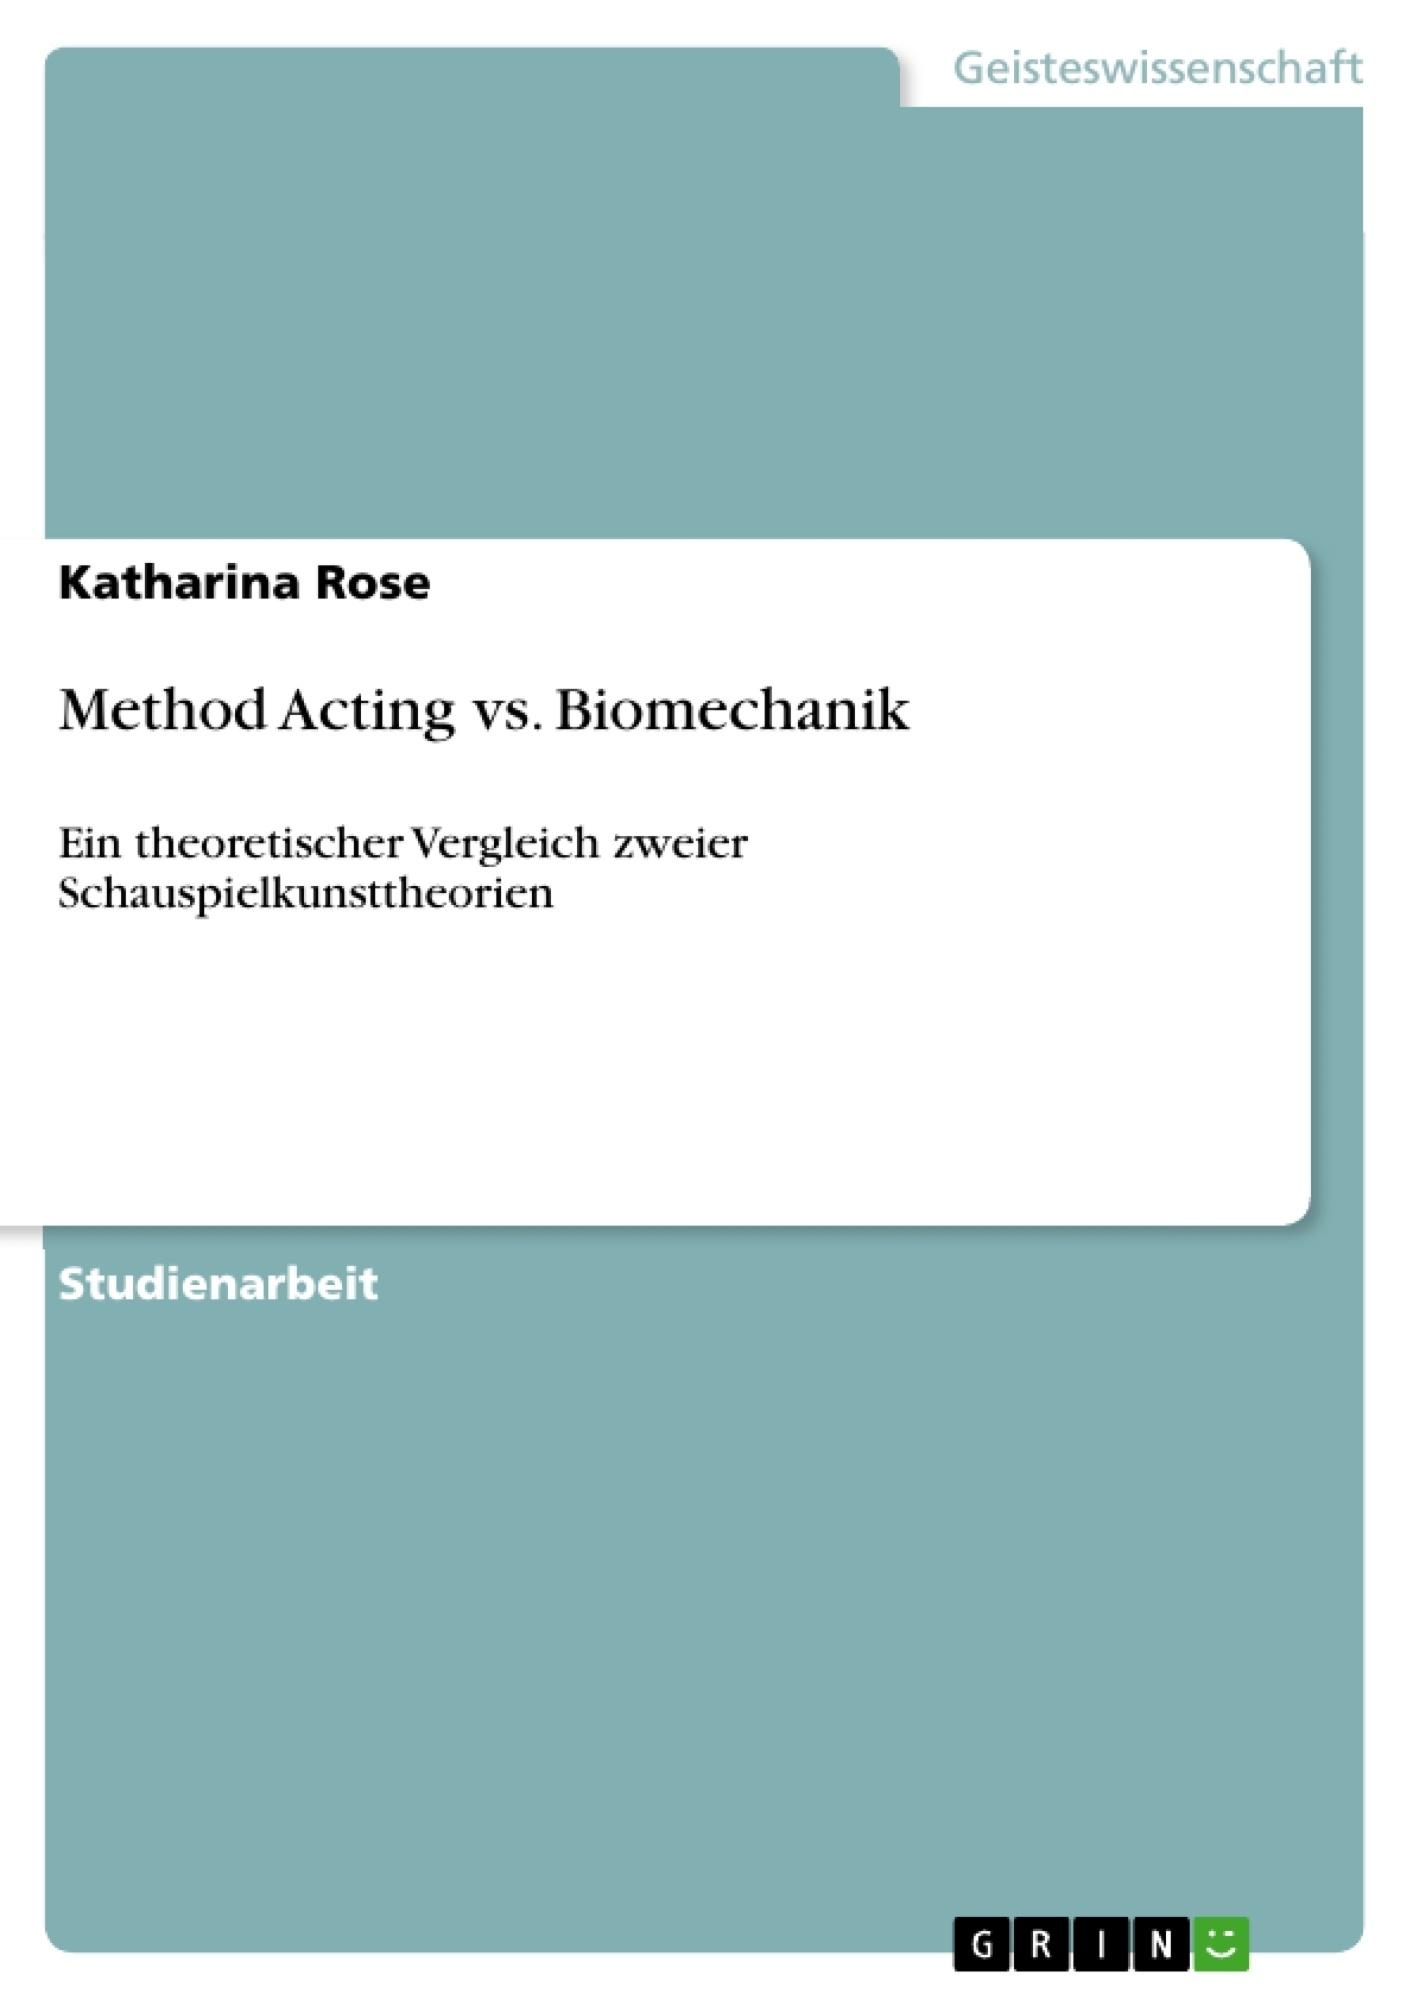 Titel: Method Acting vs. Biomechanik